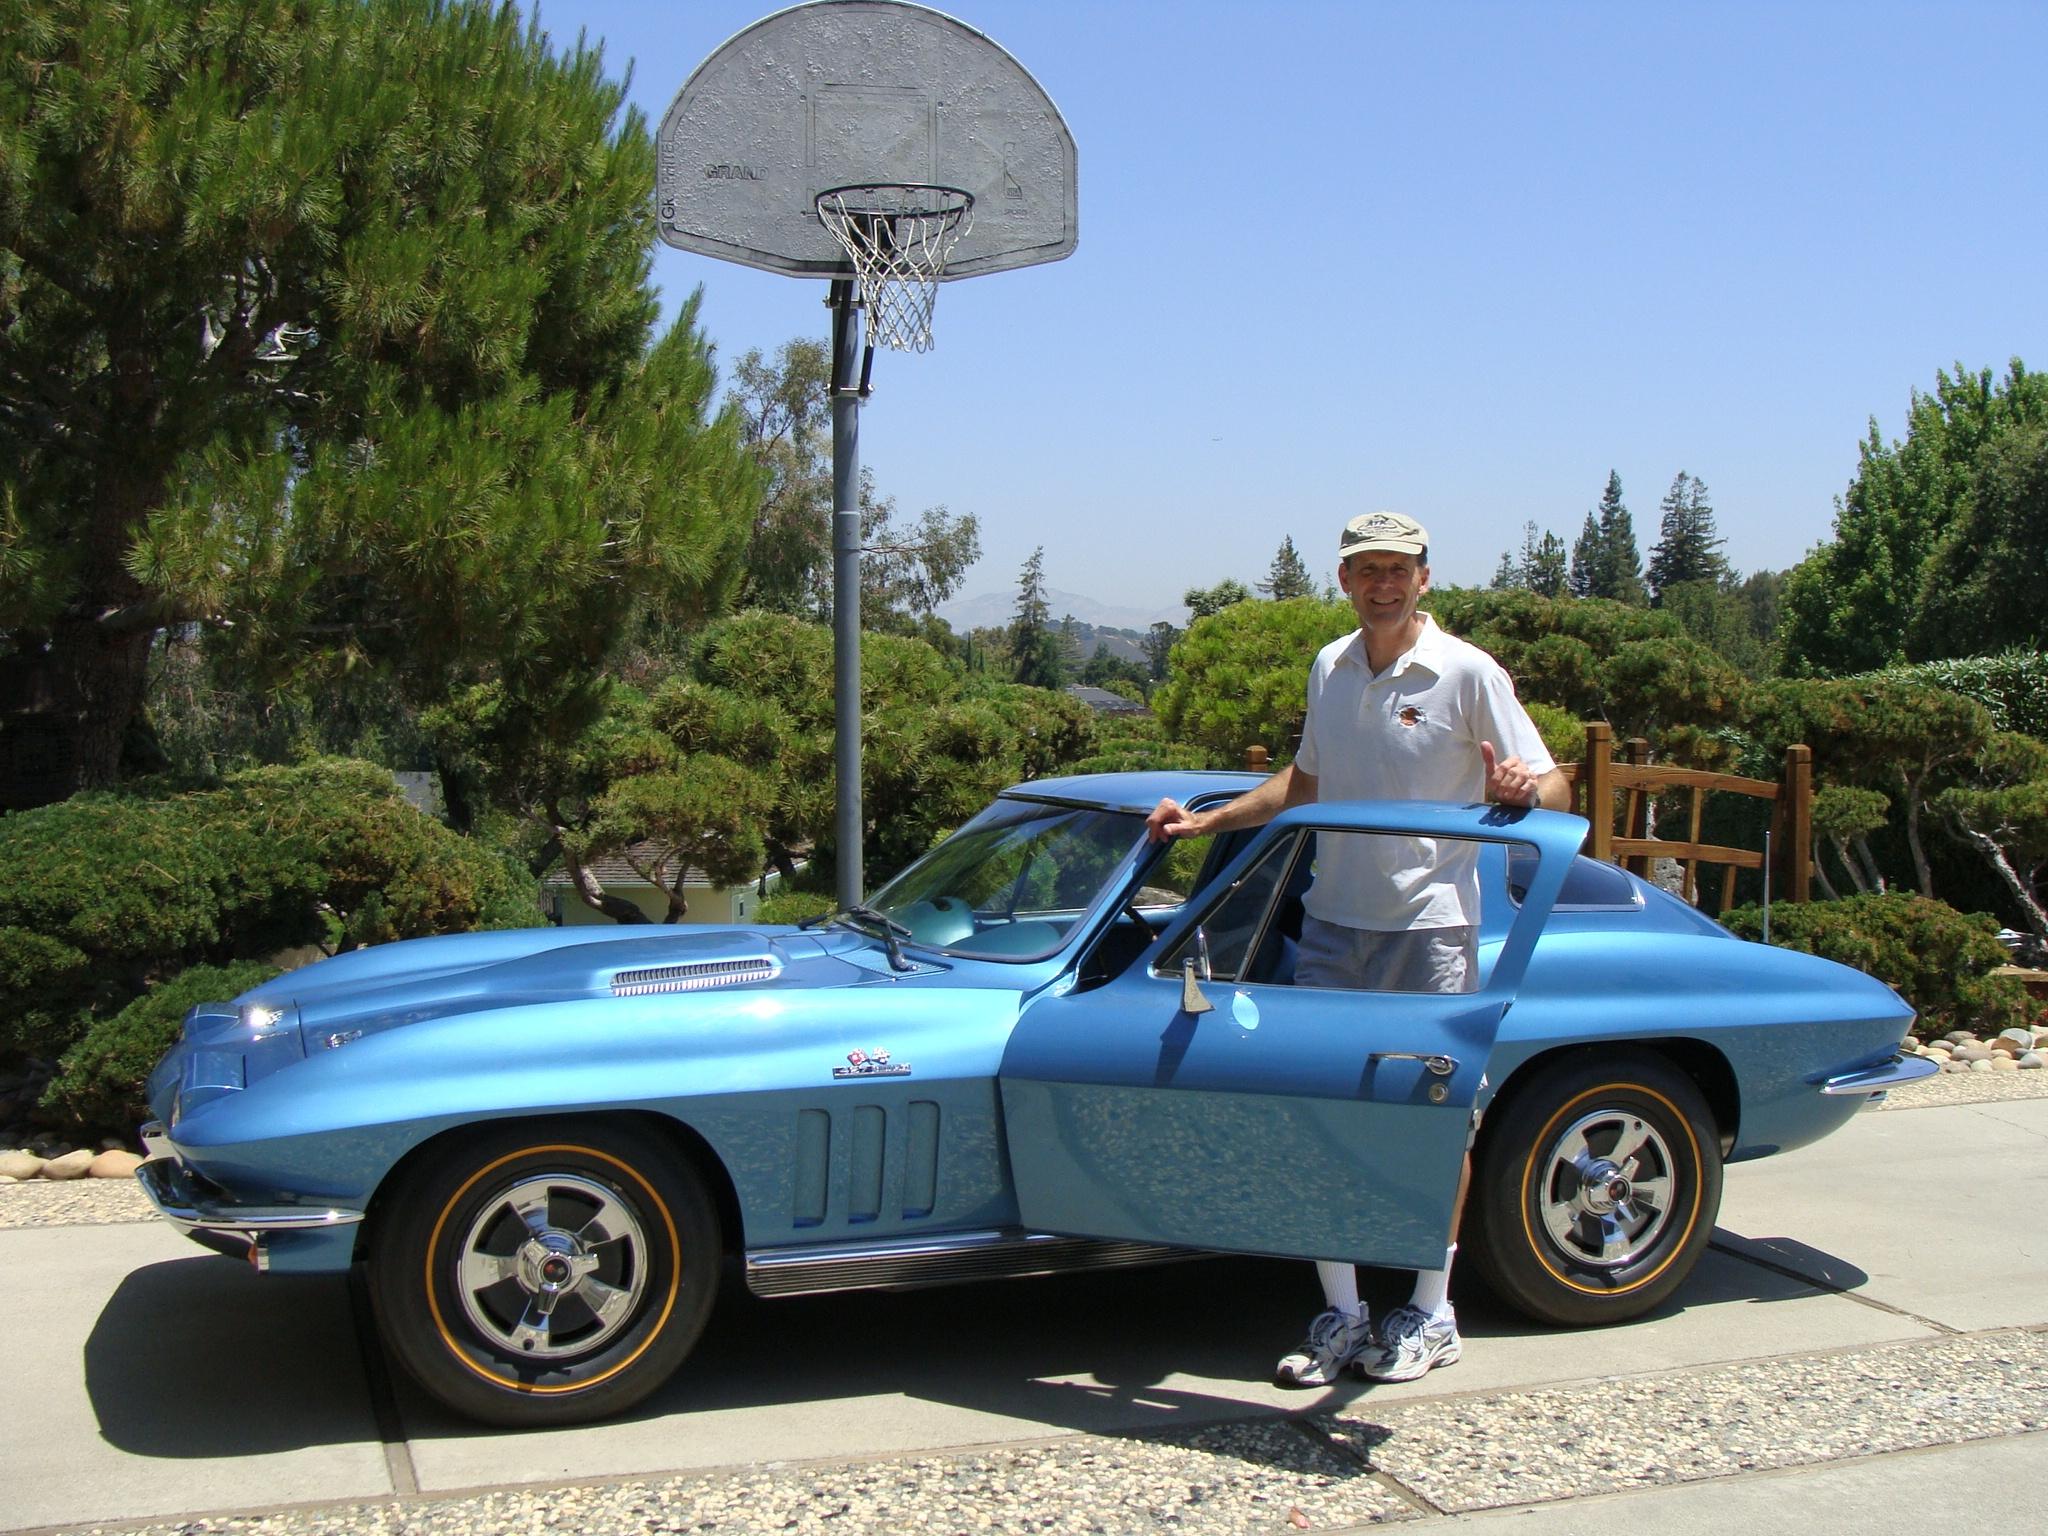 Corvette of 42 years